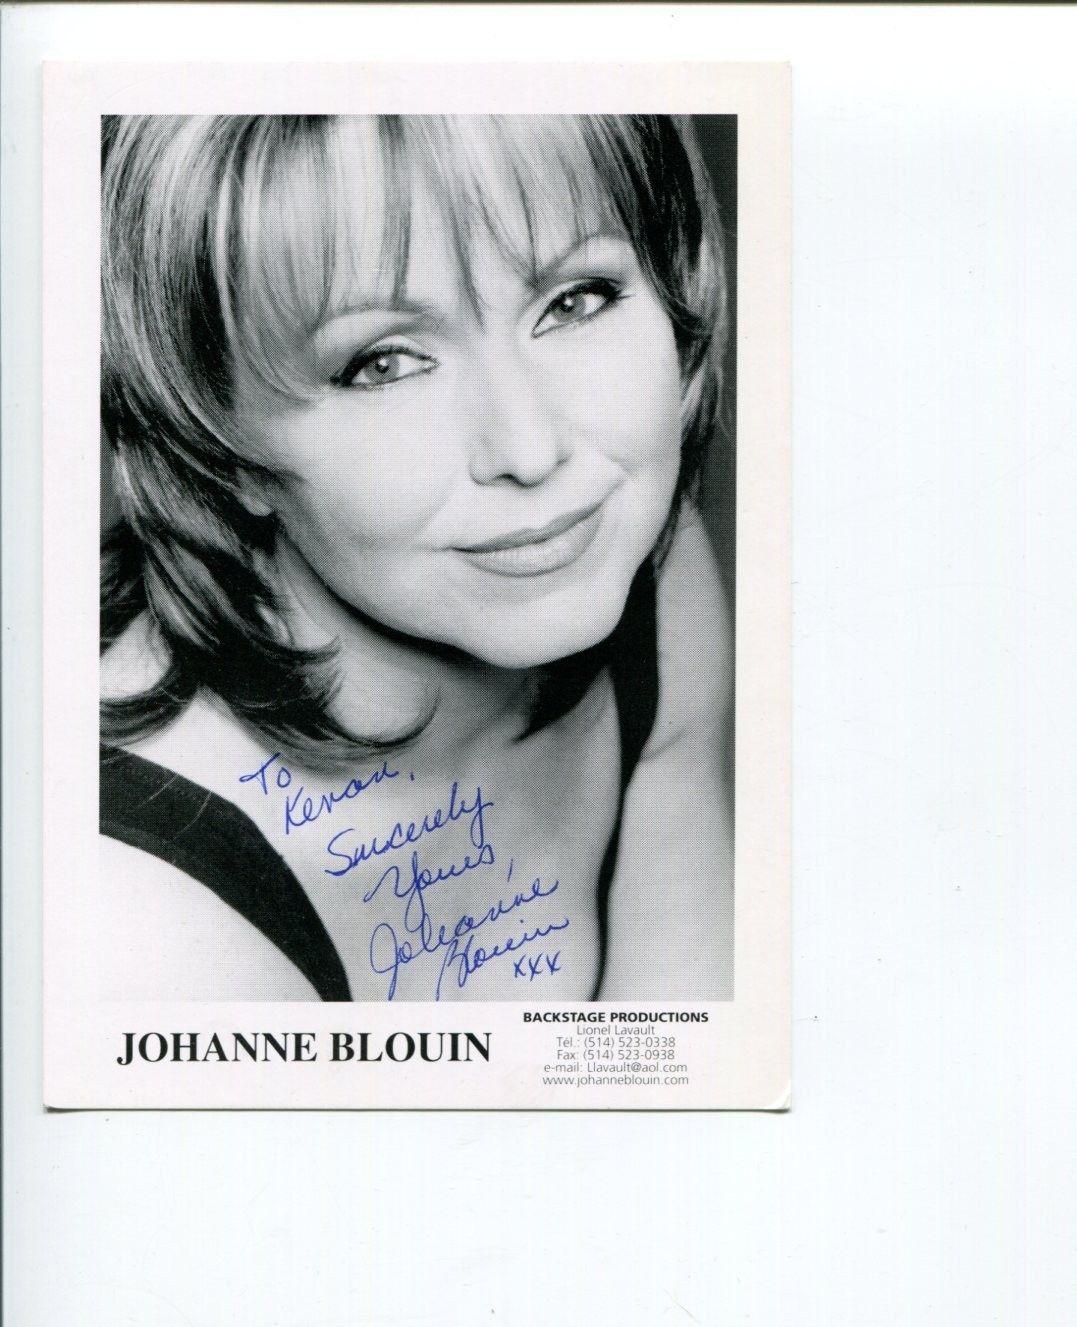 Johanne Blouin Famous Canadian Jazz Singer Signed Autograph Photo